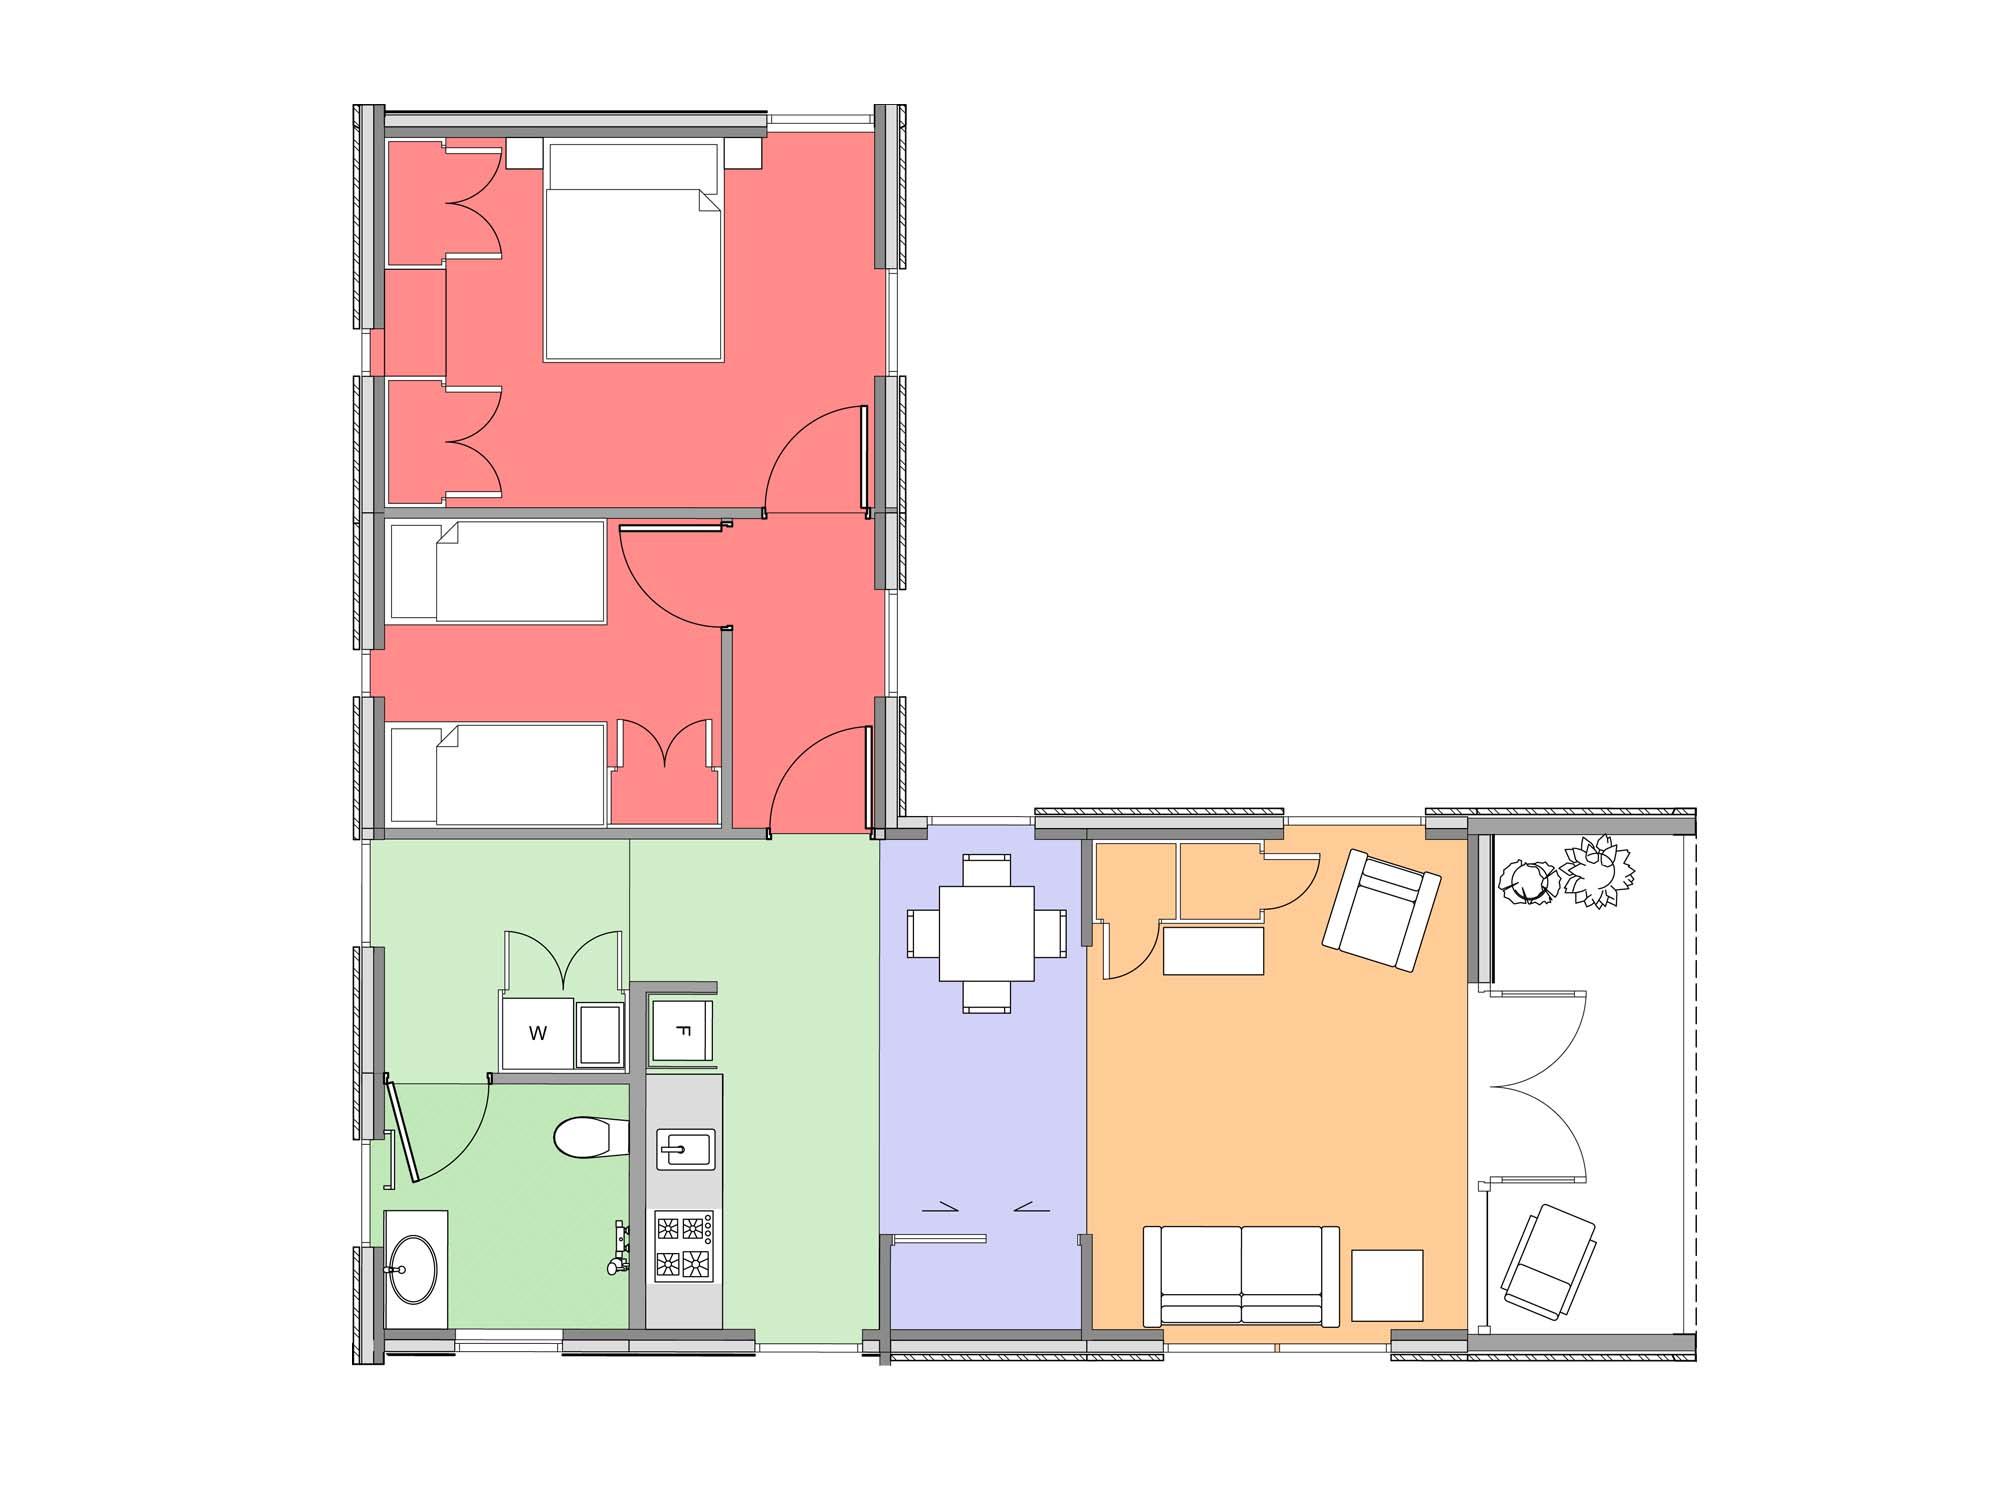 Plan of Te Whare-iti TWI 26